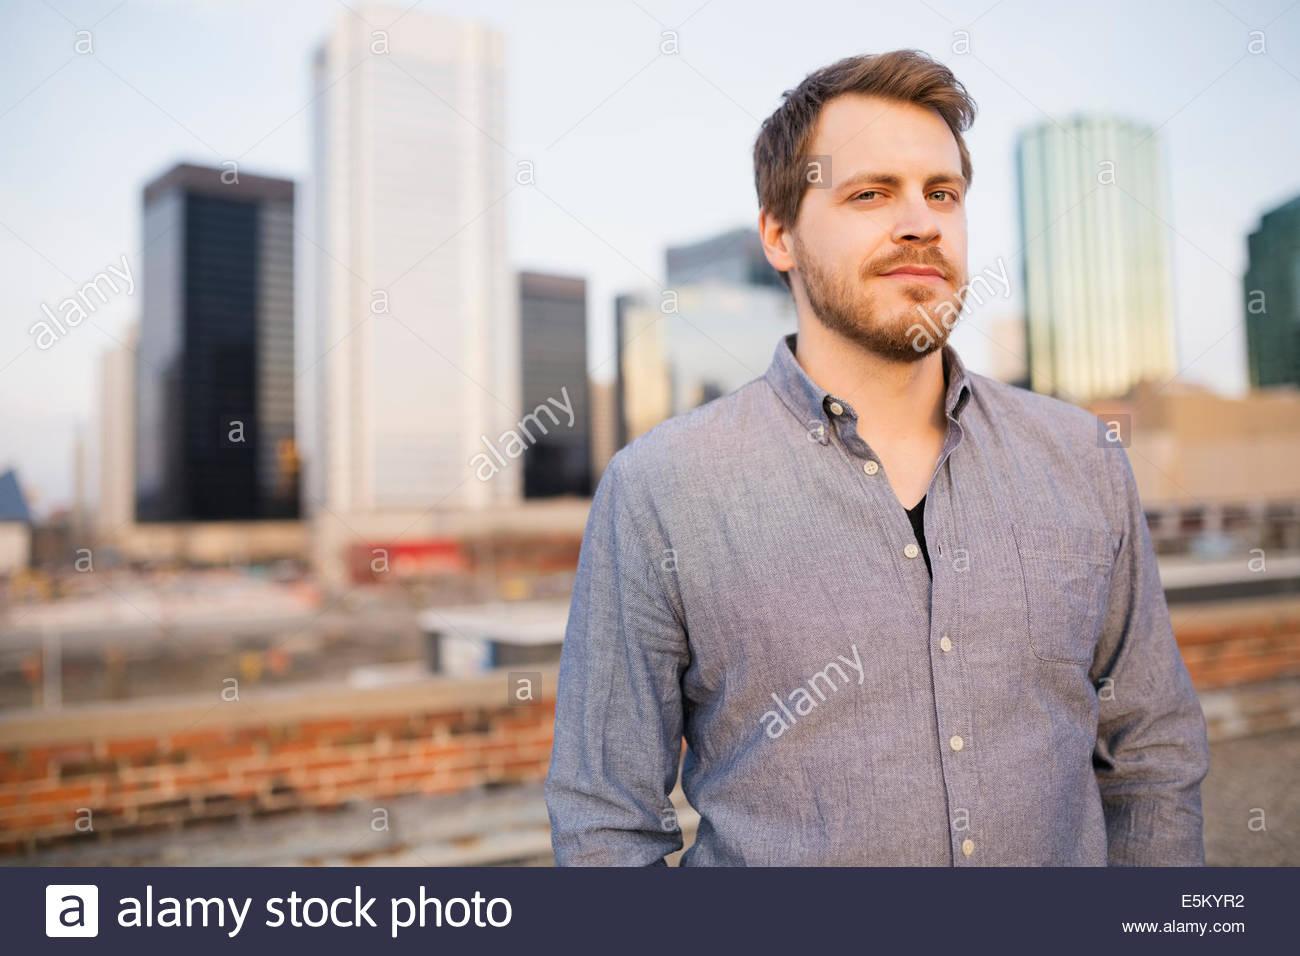 Retrato del hombre en la azotea urbana Imagen De Stock